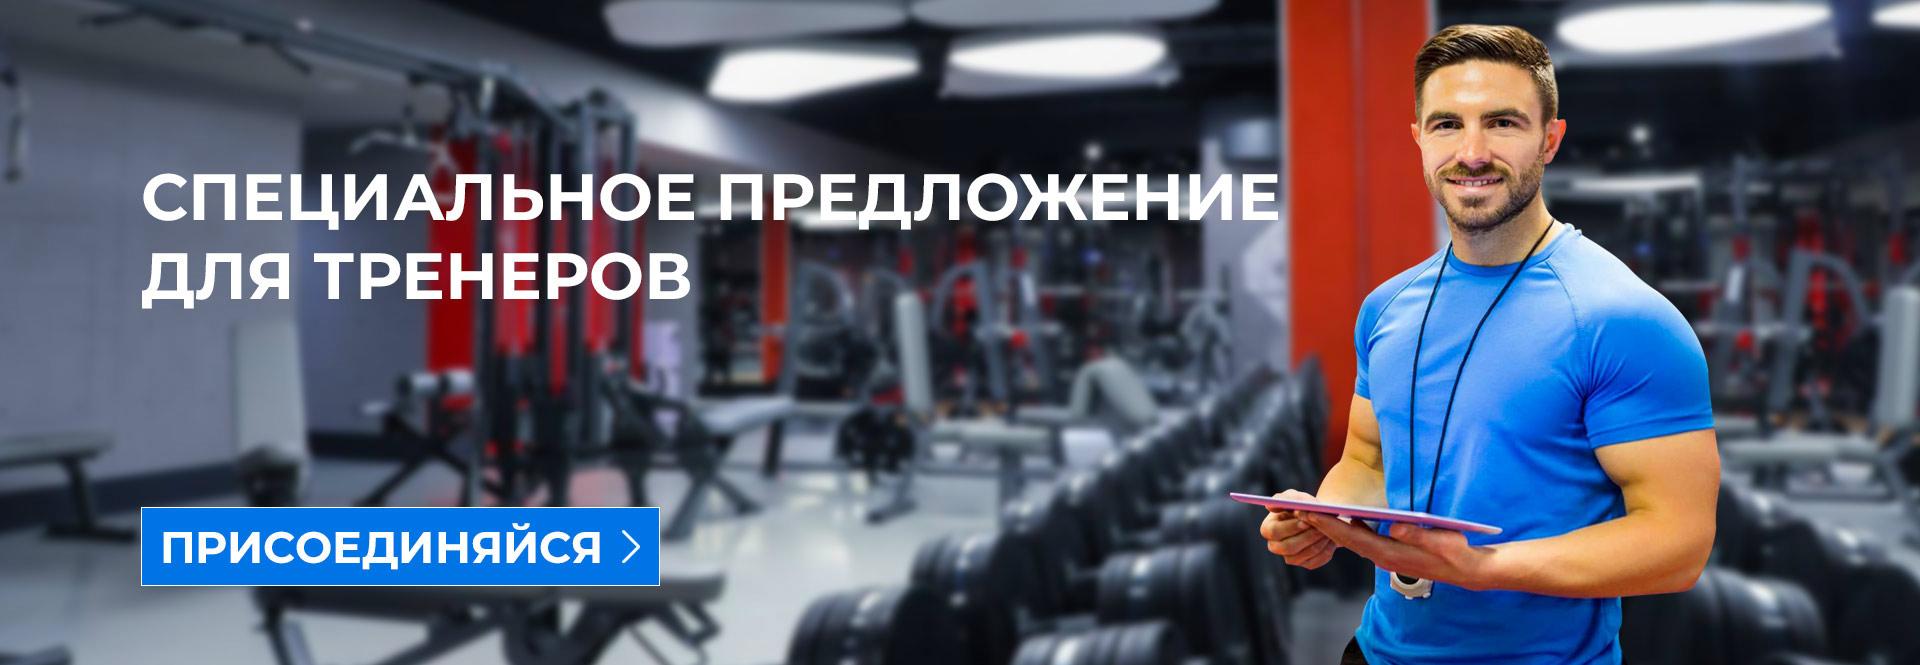 catalog/Slides/trener.jpg